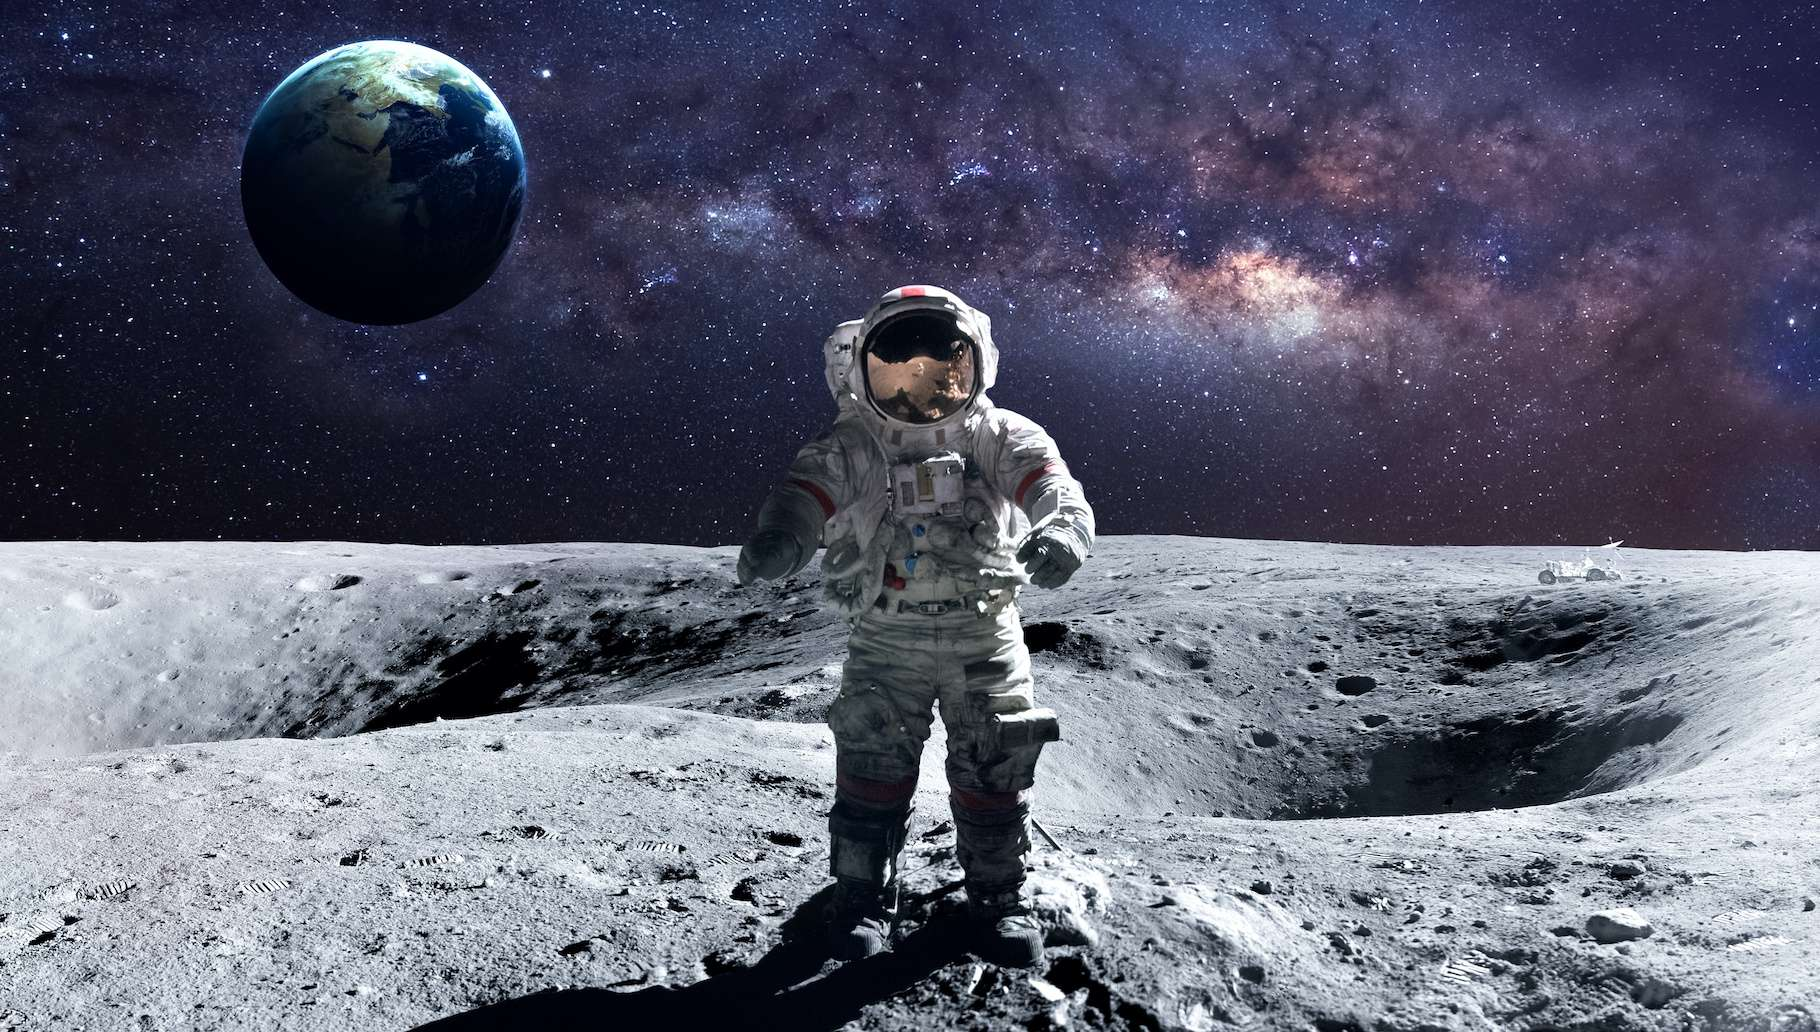 La Nasa prépare activement son retour sur la Lune. © Vadimsadovski, Adobe Stock